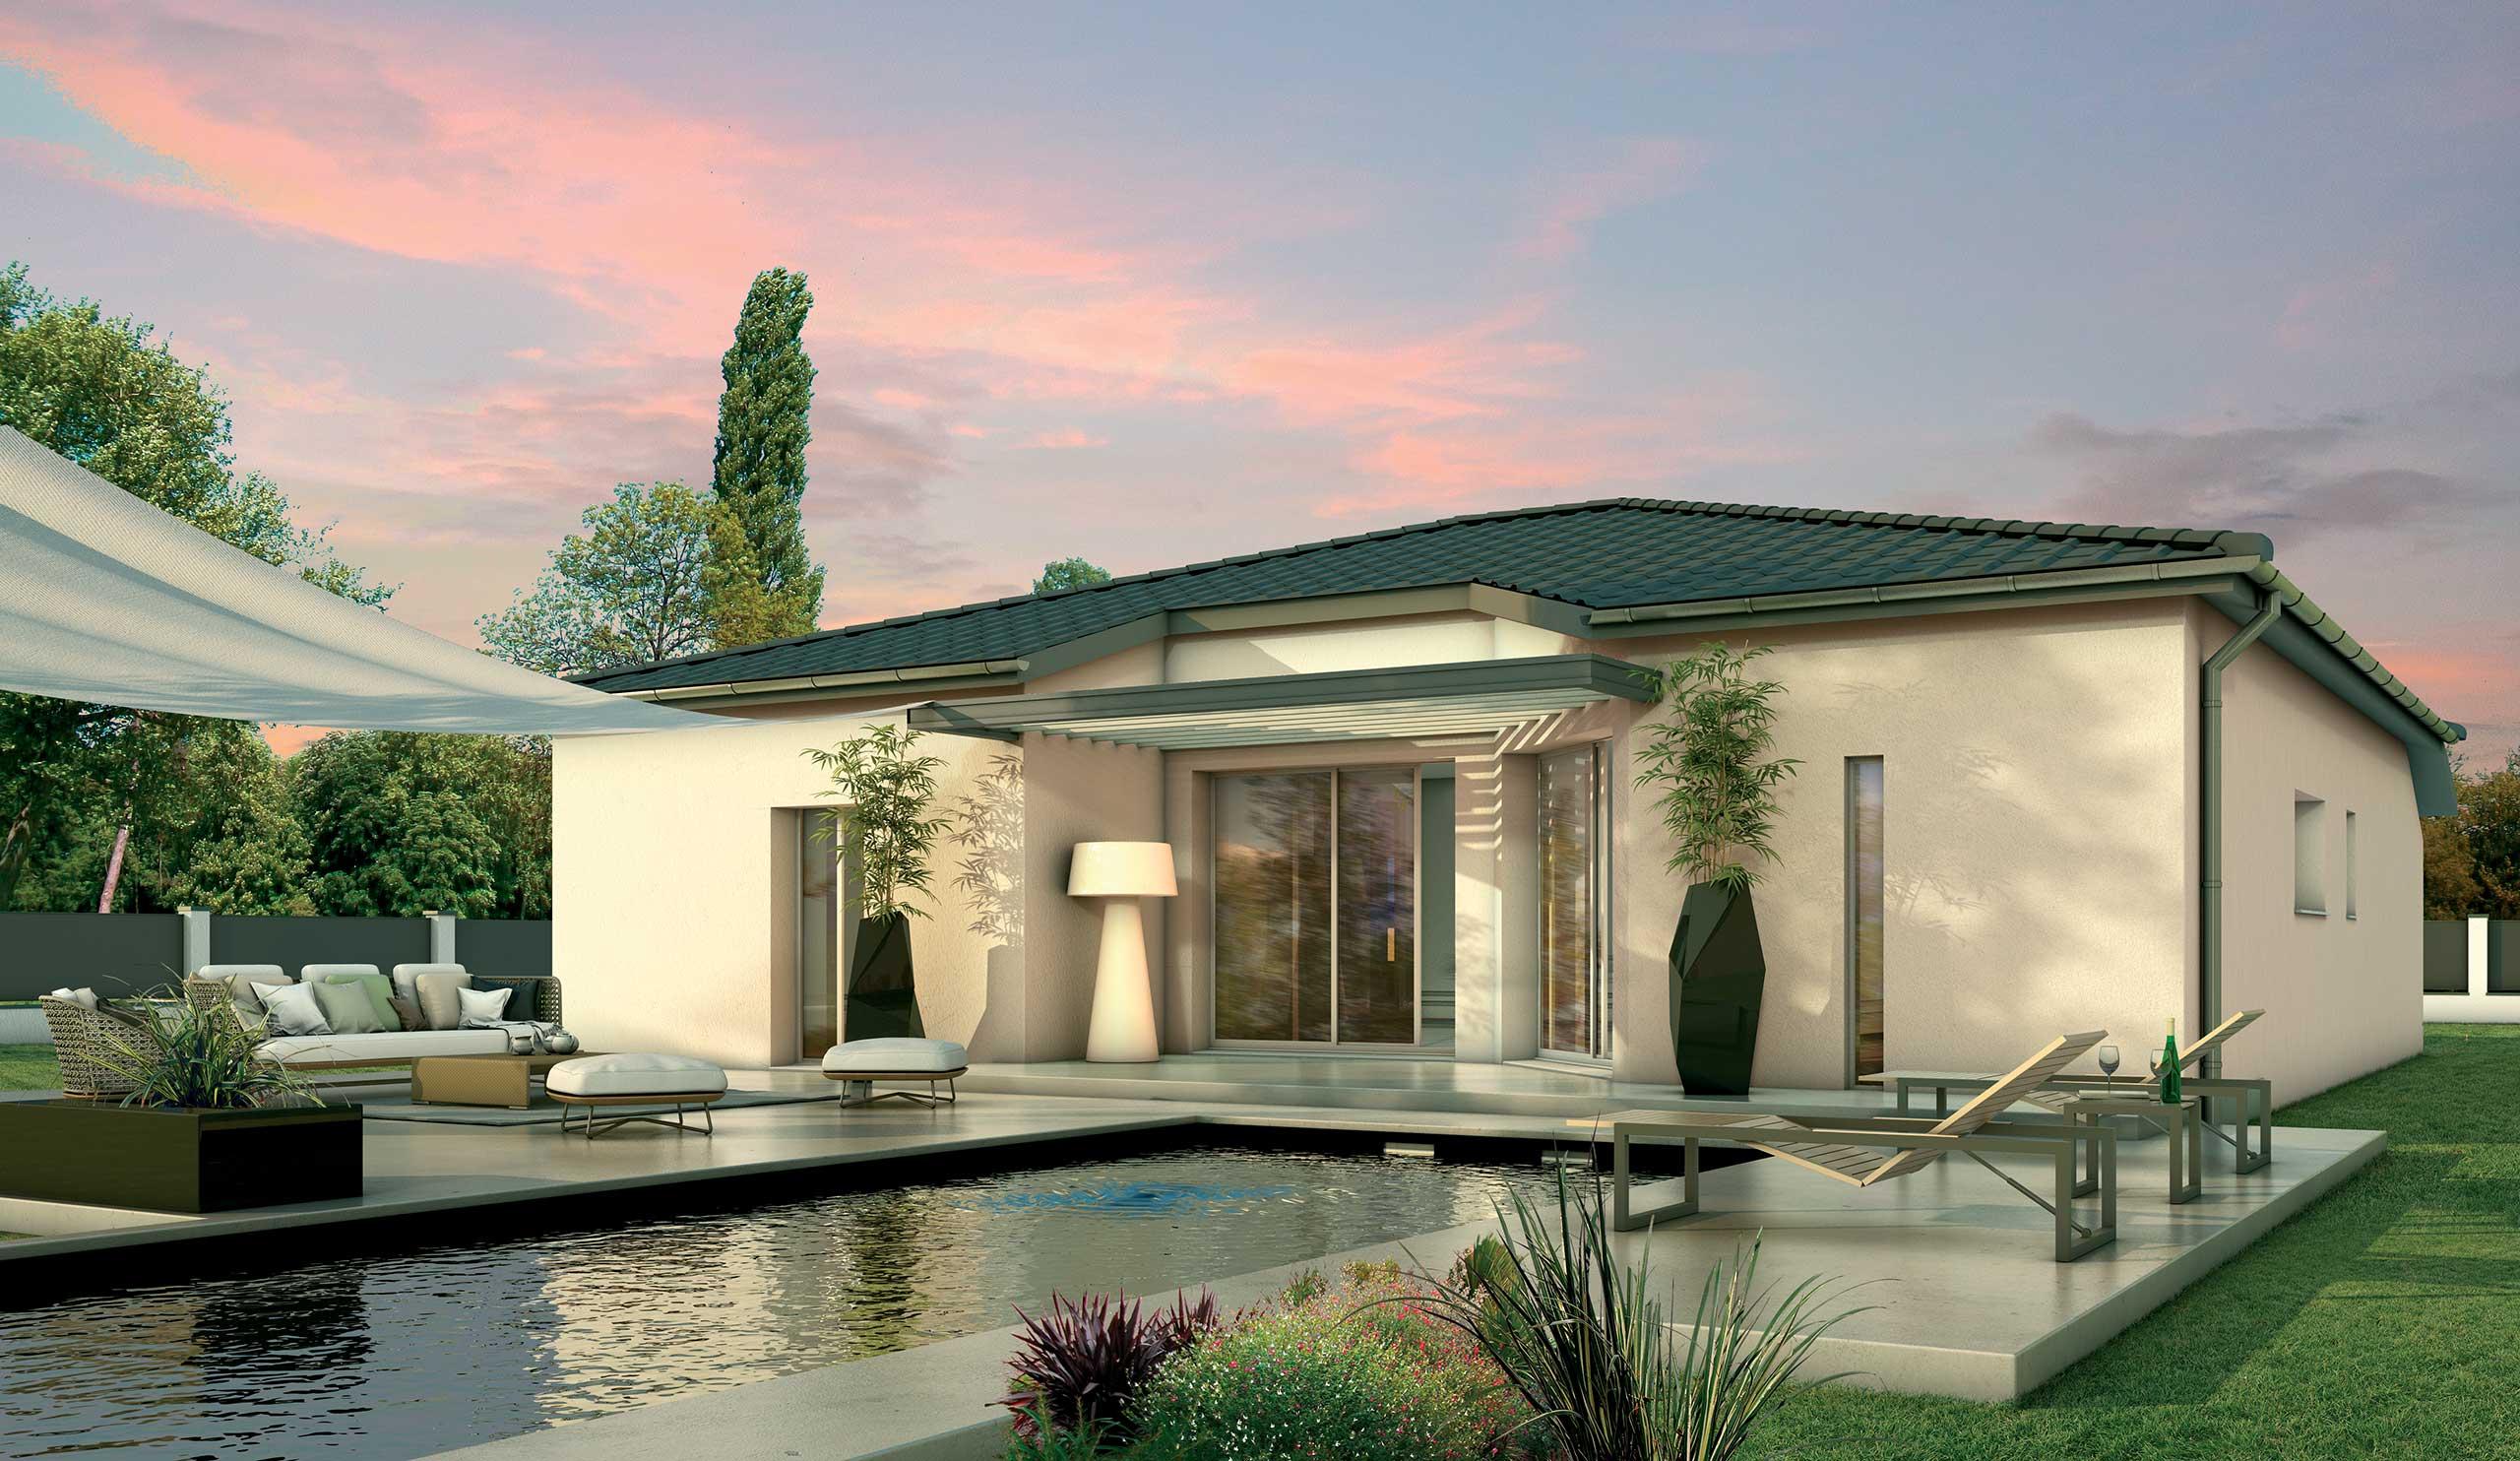 Maison contemporaine plain-pied Orme avec plans - Demeures d ...